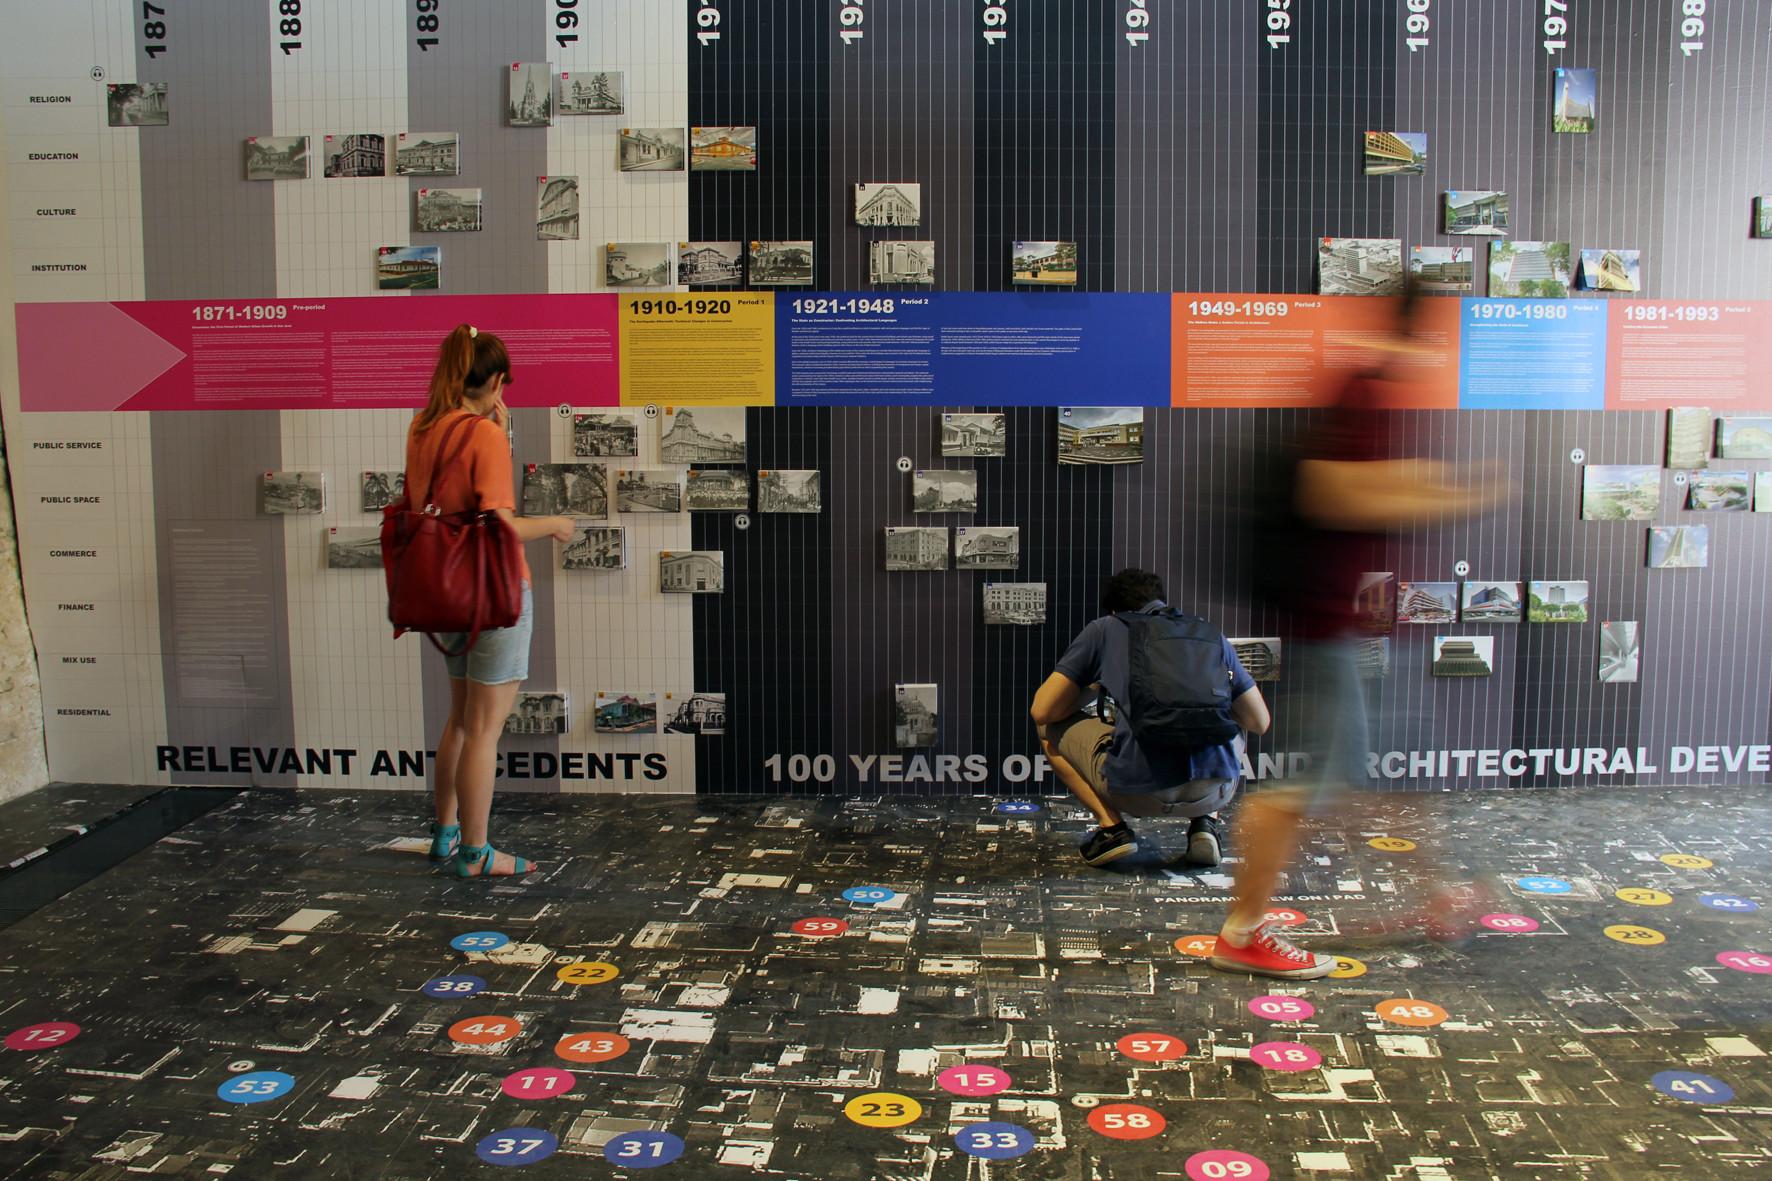 Ticollage City / Pabellón de Costa Rica en la Bienal de Venecia 2014, Cortesia de Costa Rica Pavilion